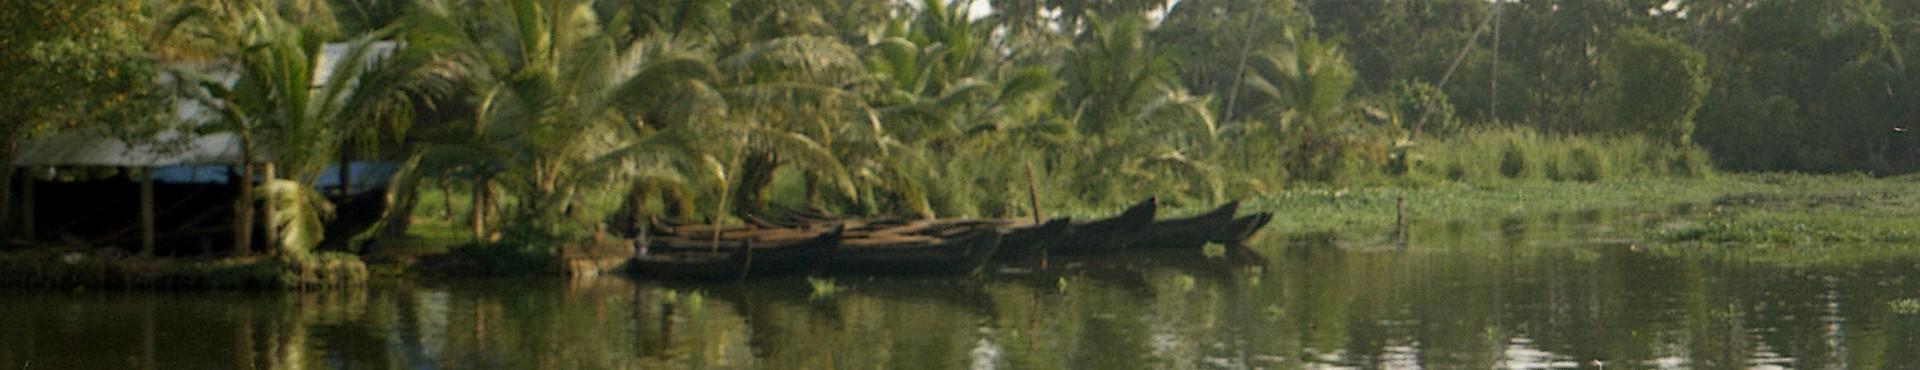 Kerala 2003